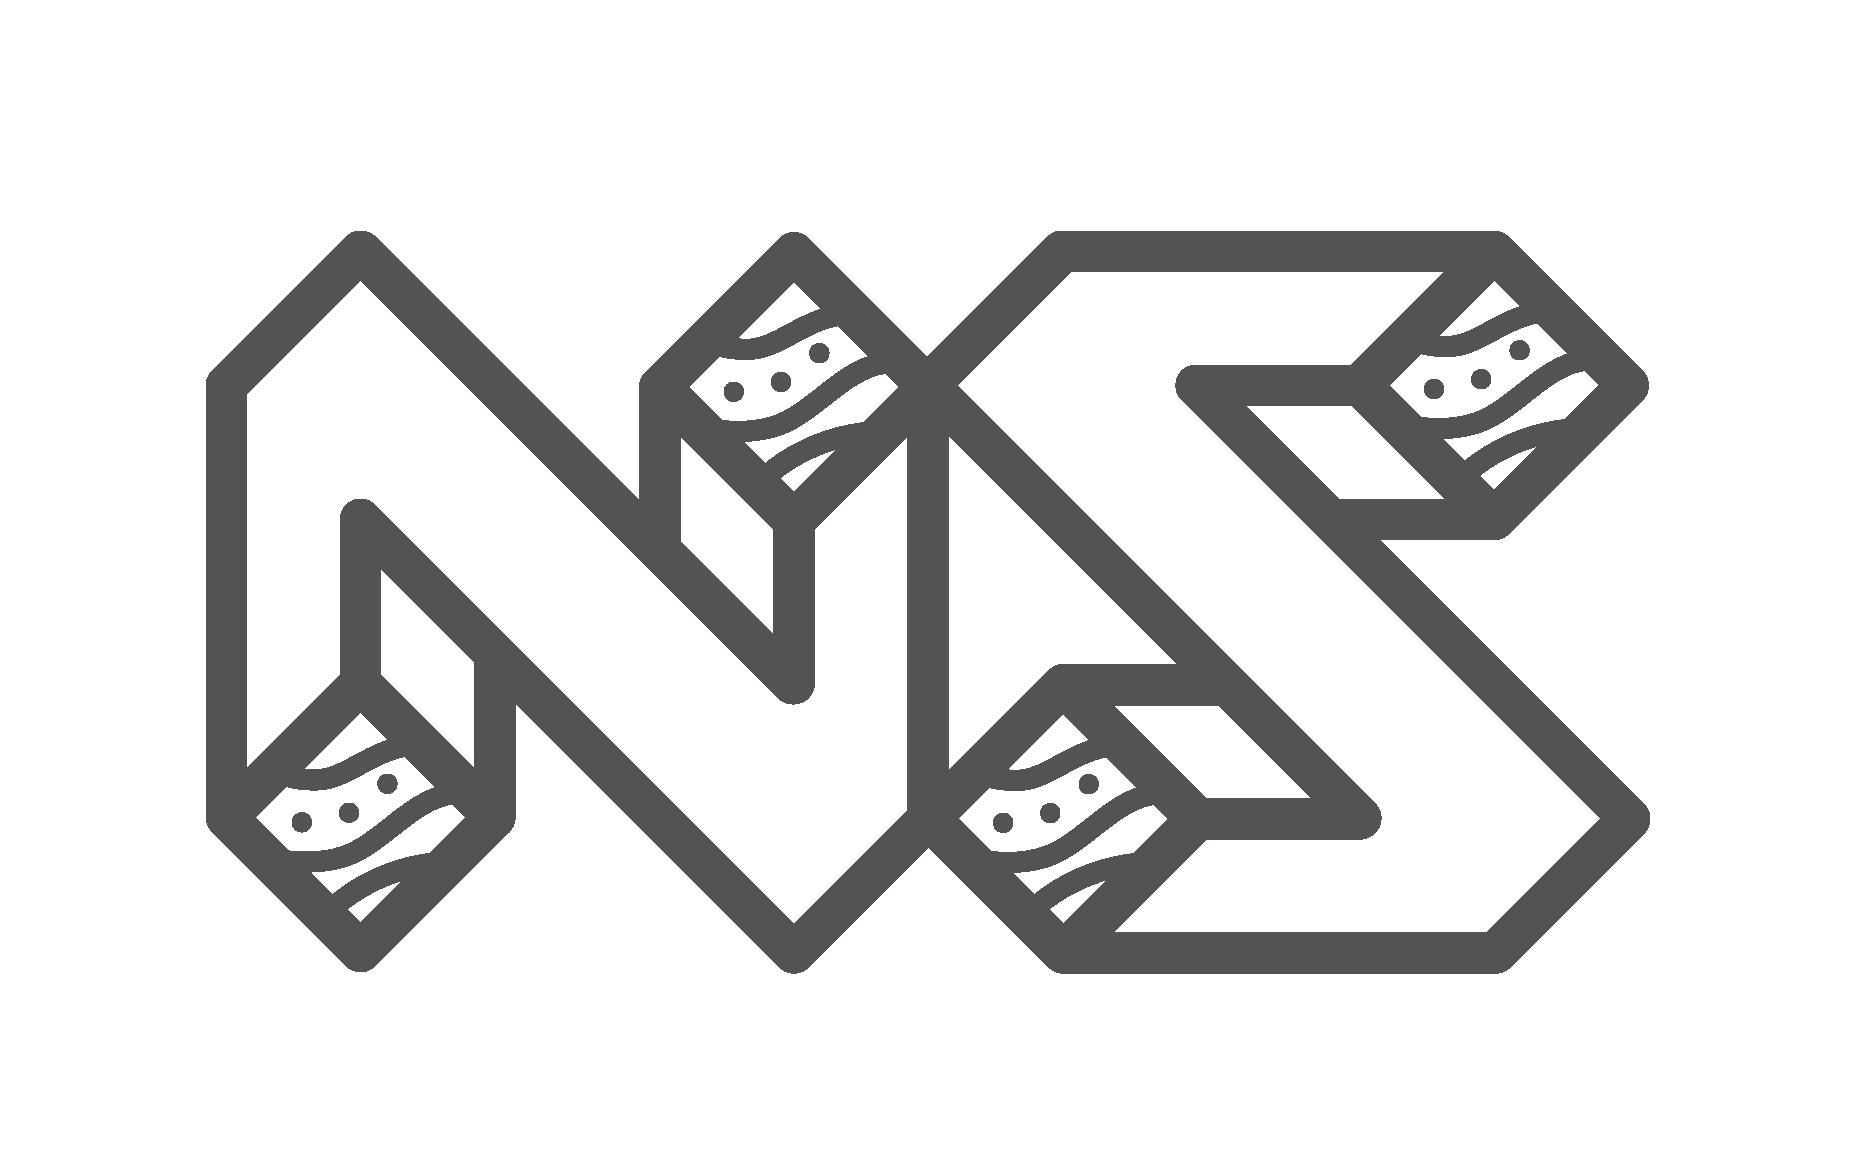 ns_logo_emblem_gray.png